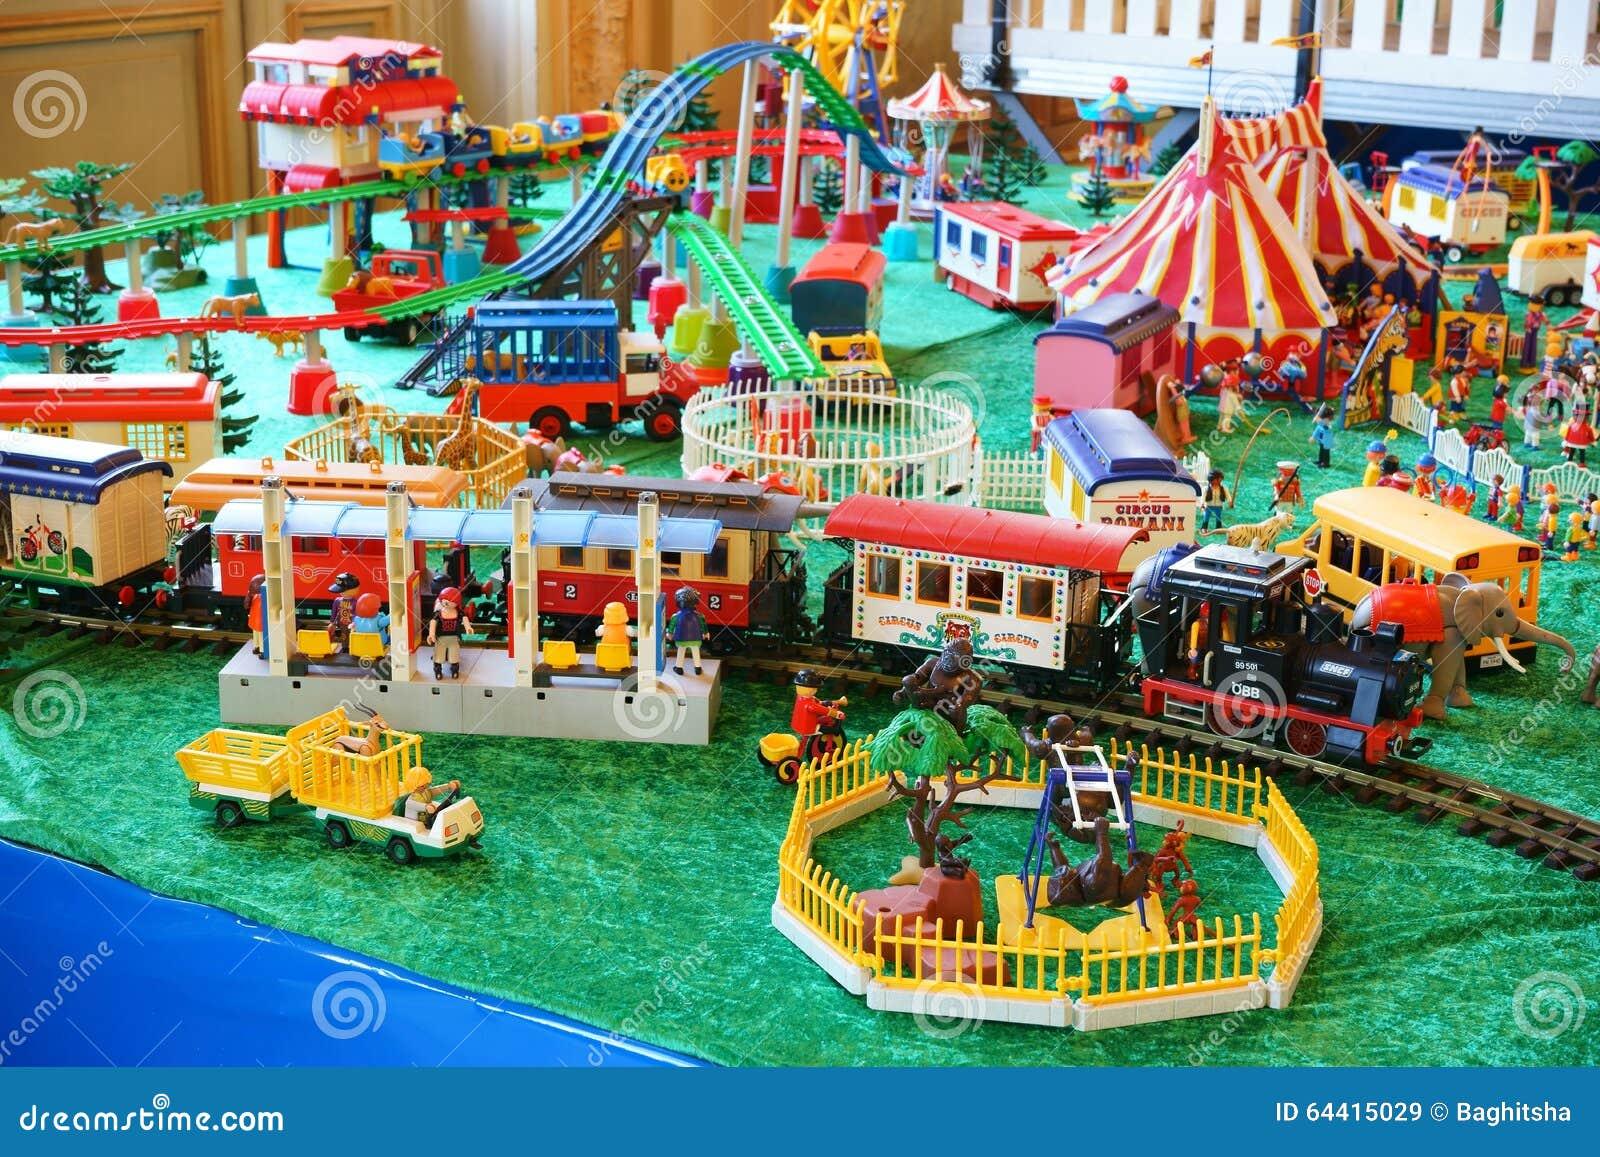 Zoo de Playmobil, station de train, cirque, montagnes russes exposées ...